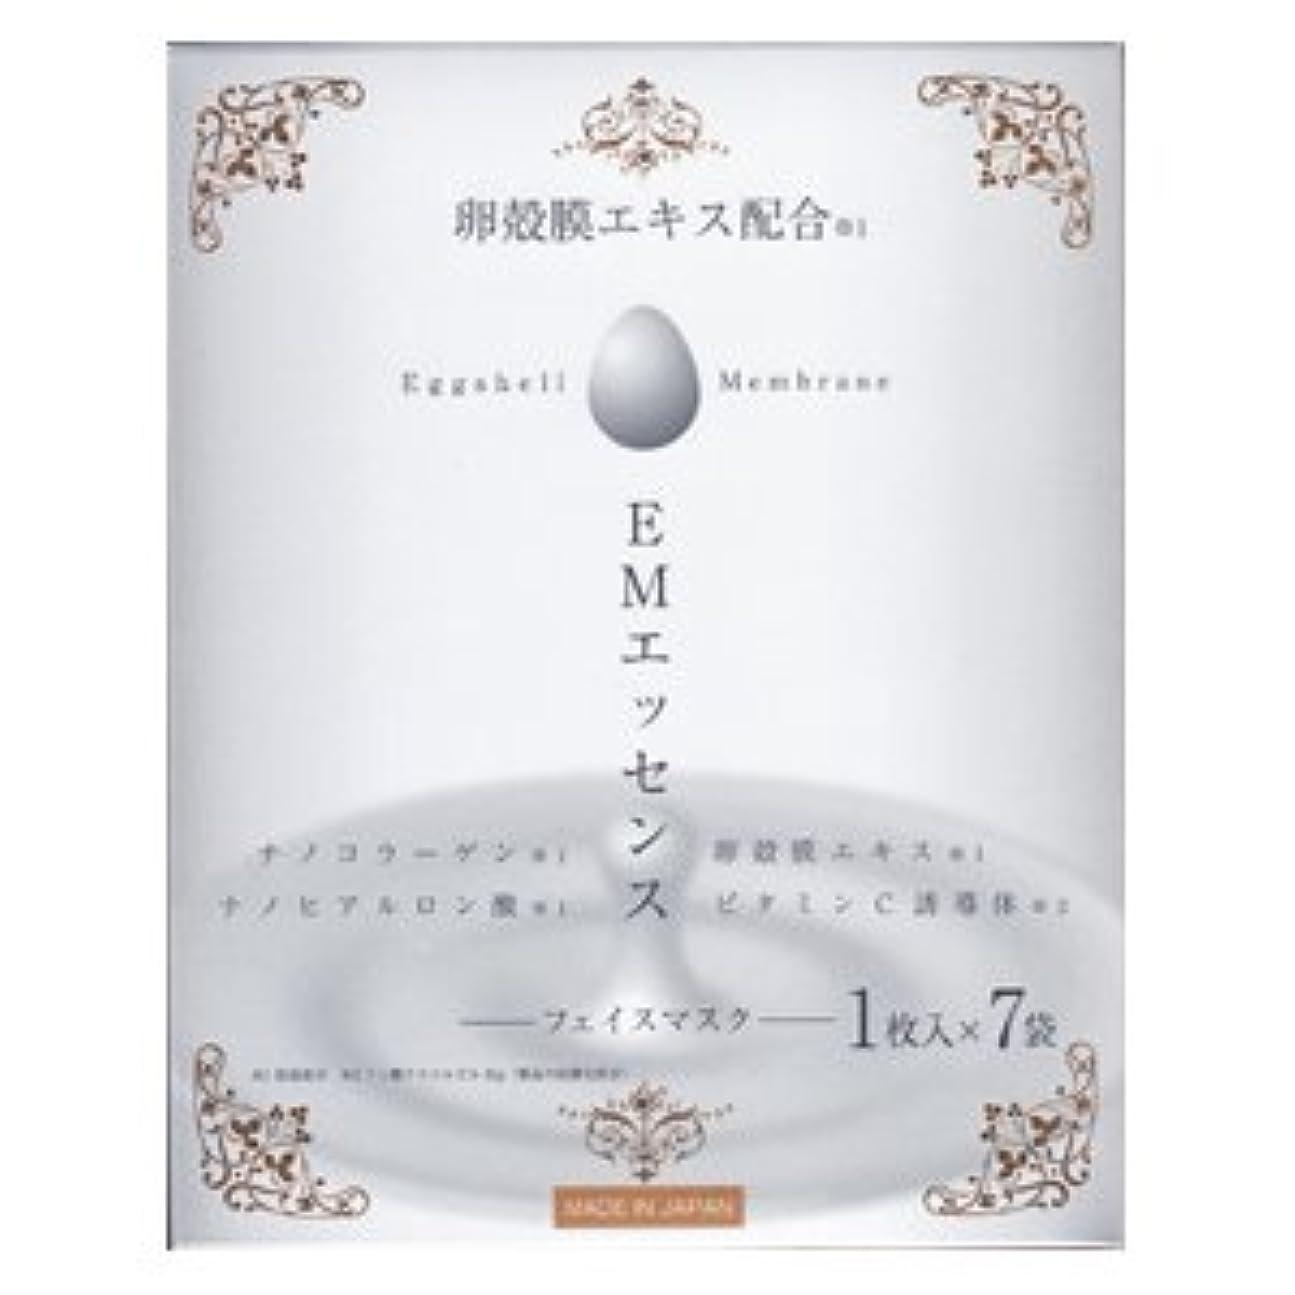 巨大なフィードバックる卵殻膜エキス配合 EMエッセンス フェイスマスク 1枚入×7袋